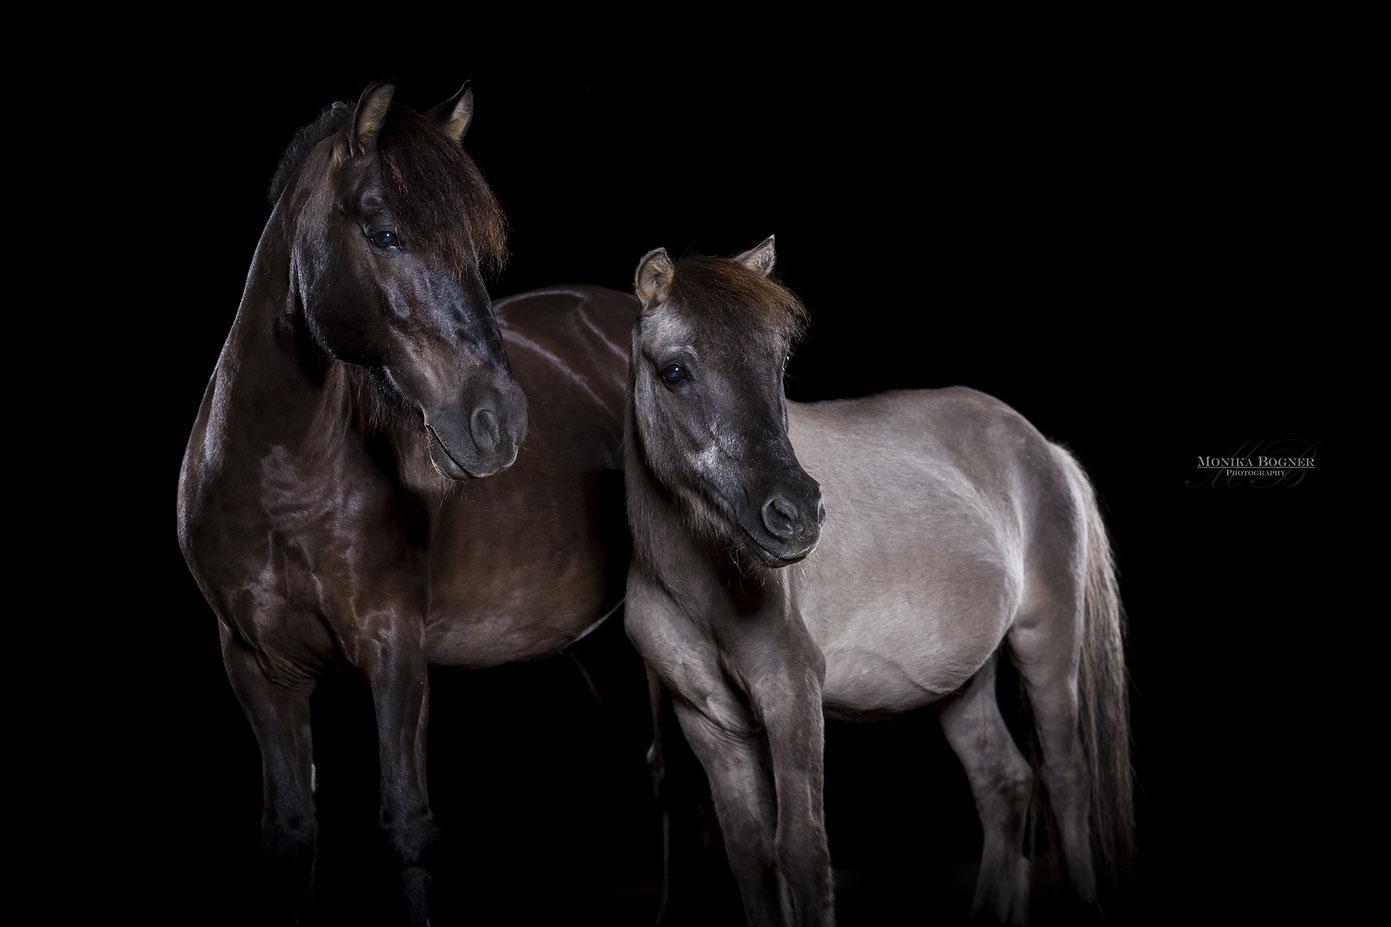 Ponys, Pferde im Studio, Pferde vor schwarzem Hintergrund, Pferdefotografie